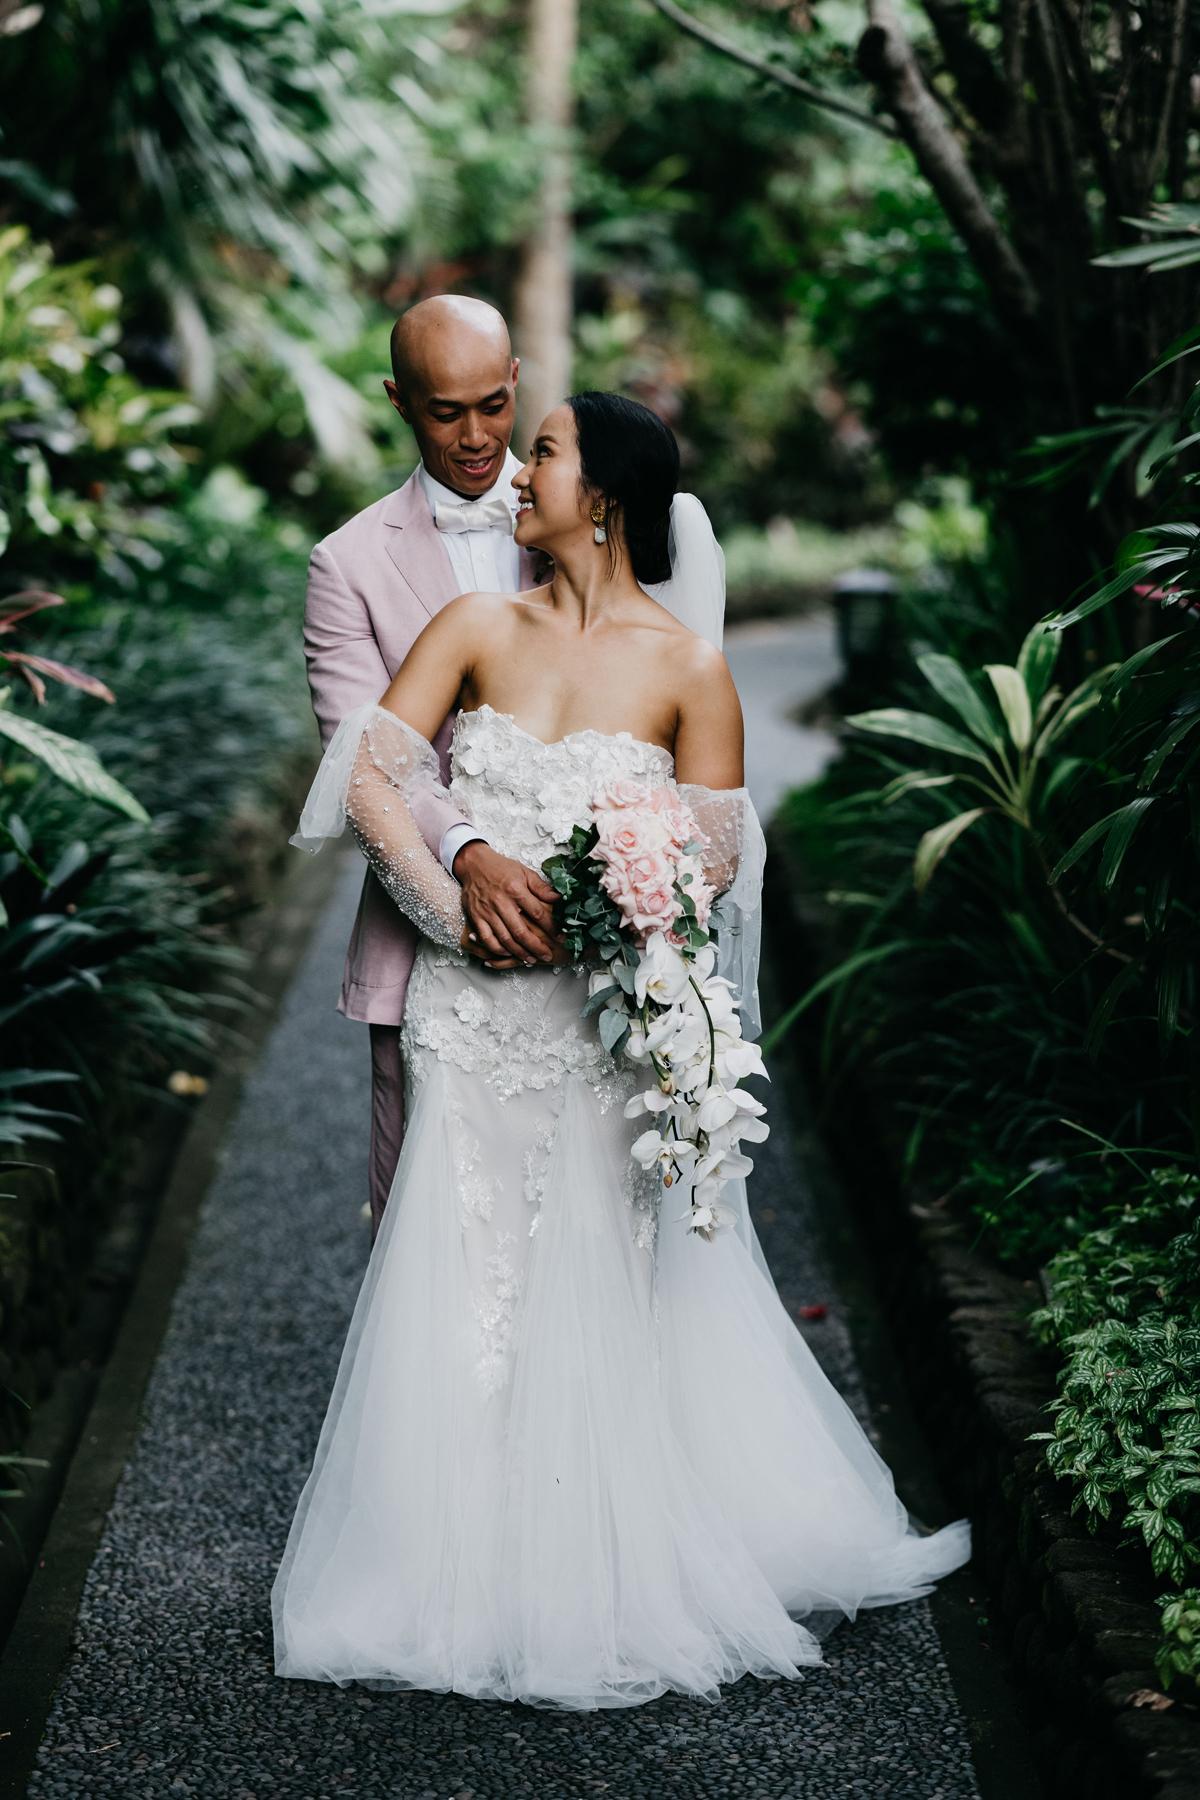 Tropical Black Tie Bali Wedding At Royal Pita Maha Polka Dot Bride